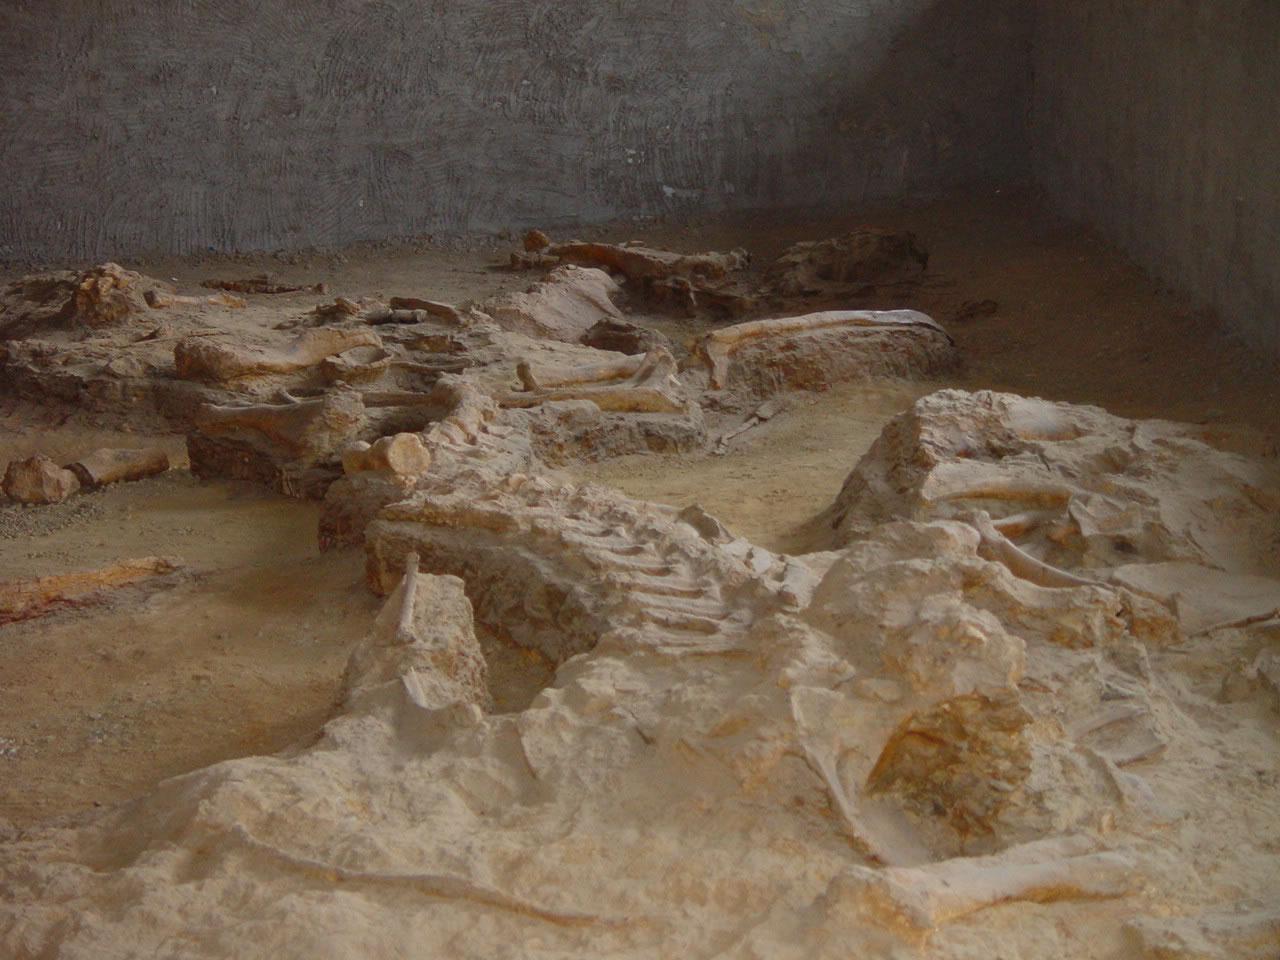 灵武清水营古生物化石遗址盗挖猖獗